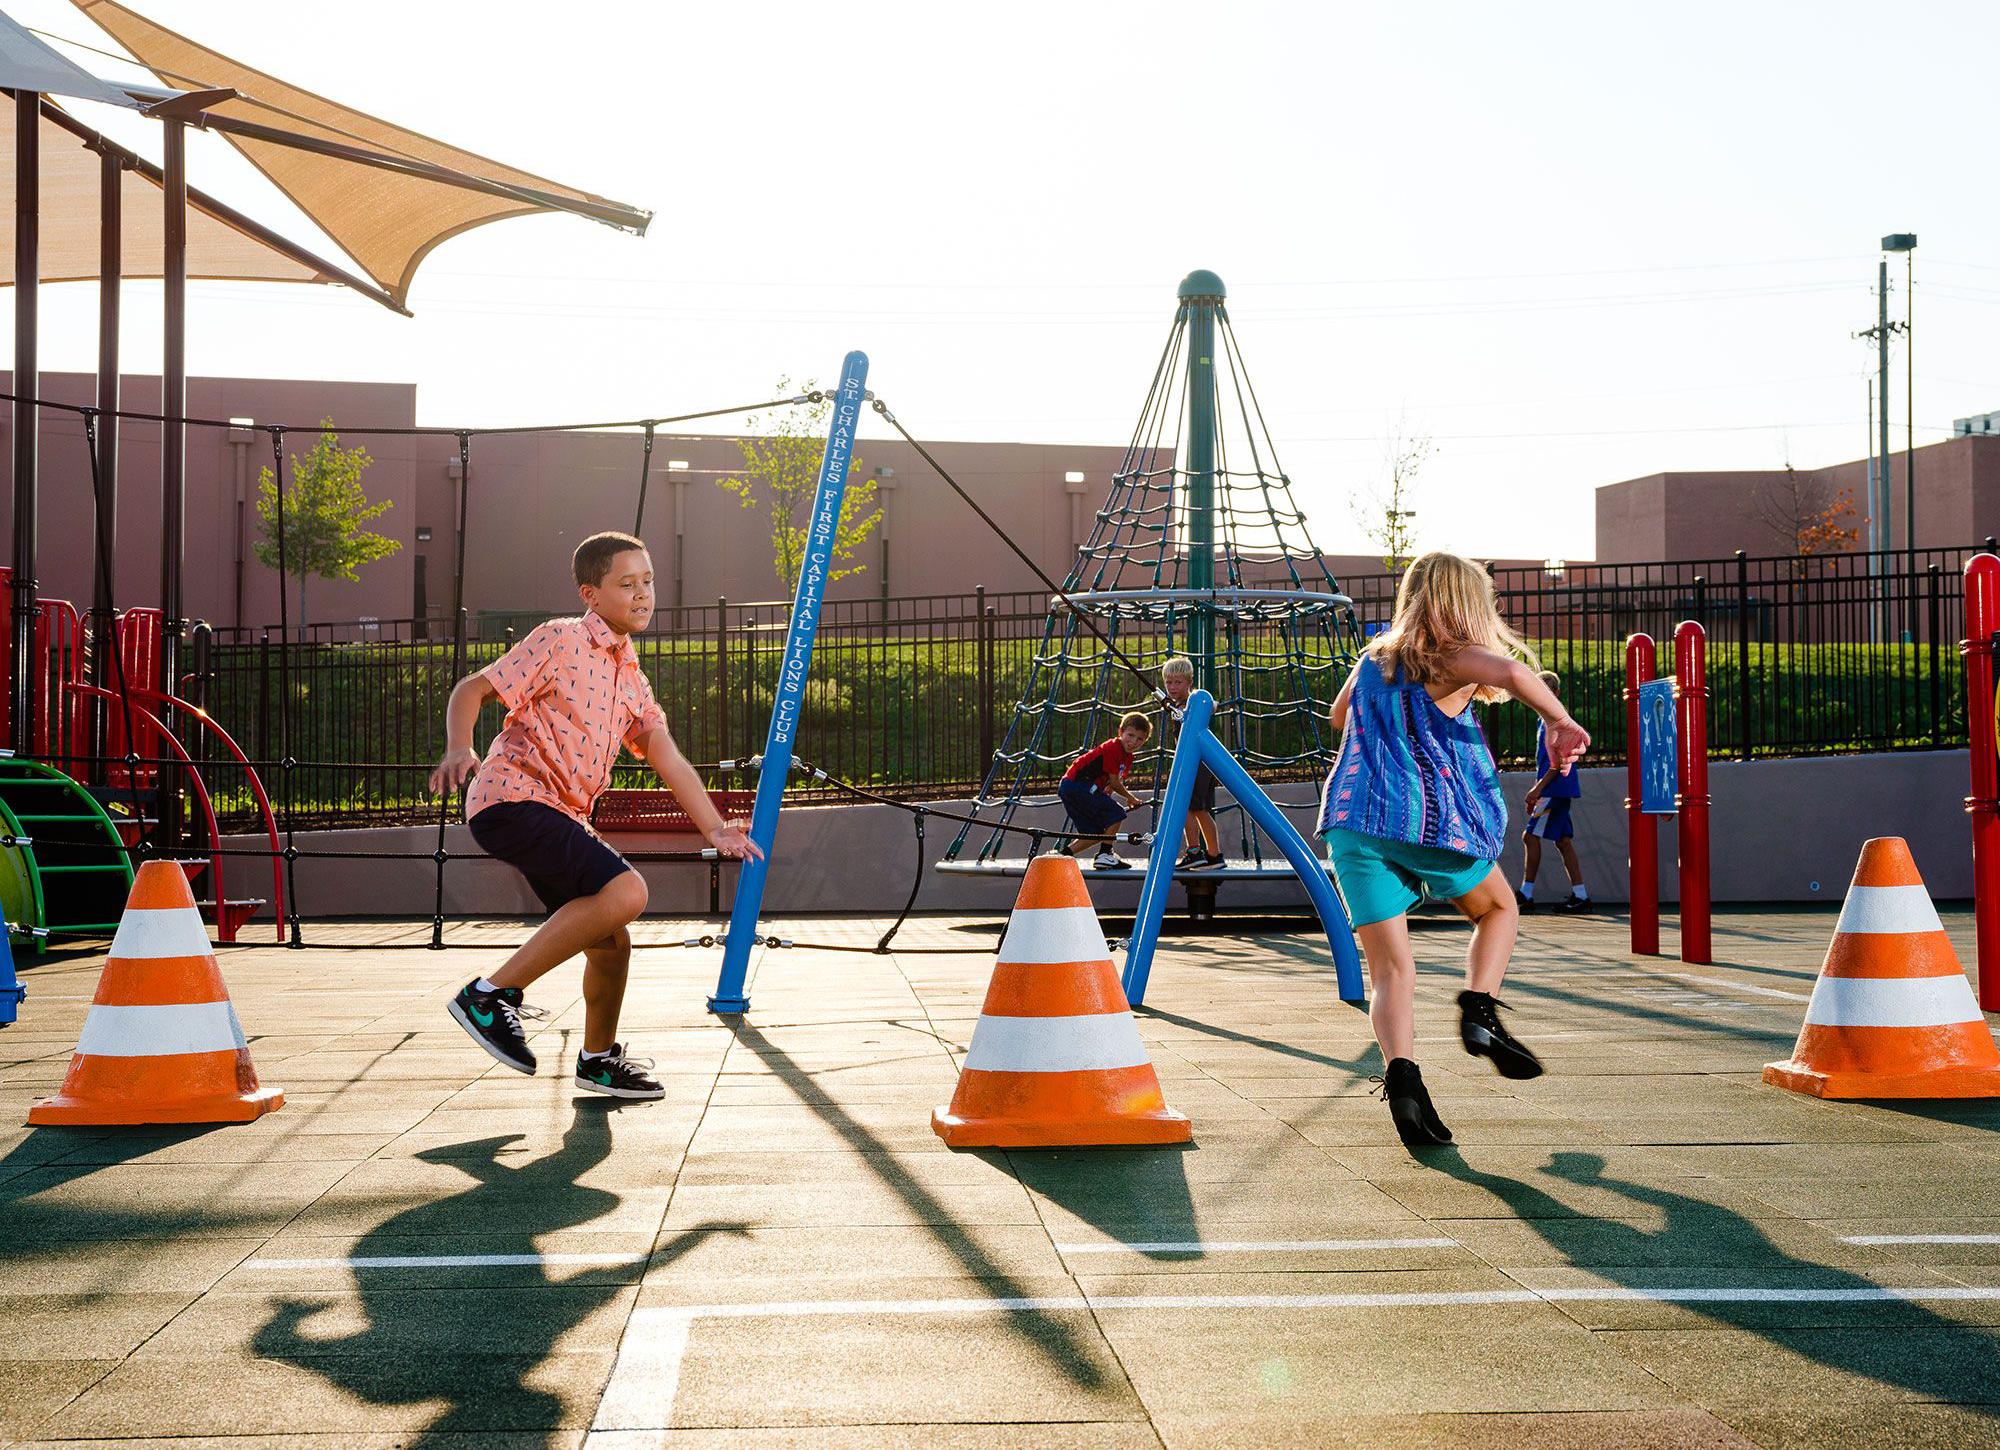 Children weaving through playground structure traffic cones